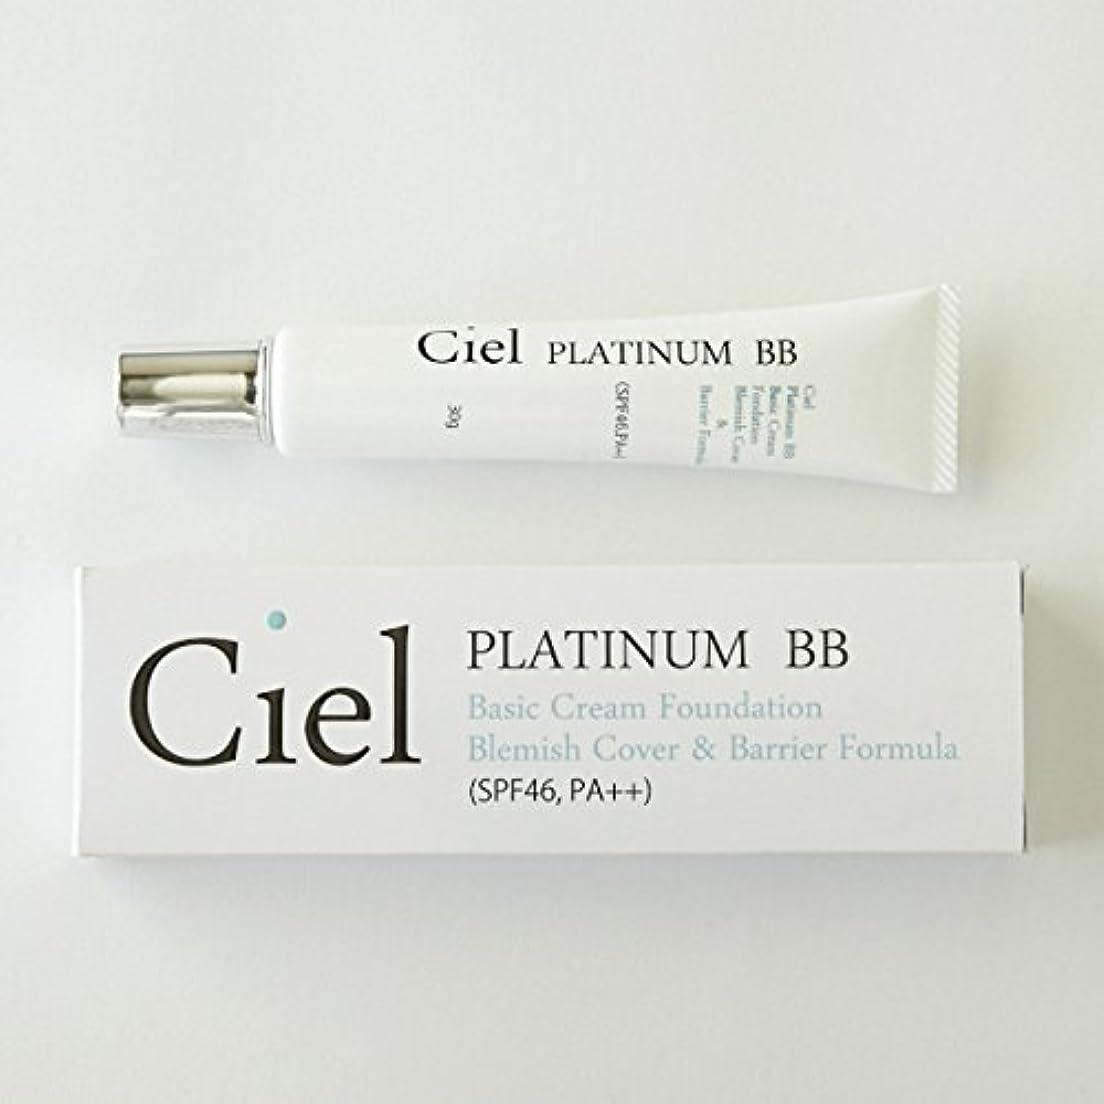 代表団膨らませる一握りCiel Salon de Beaute Ciel PLATINUM BB SPF46 BBクリーム ファンデーション 日本製 日焼け止め